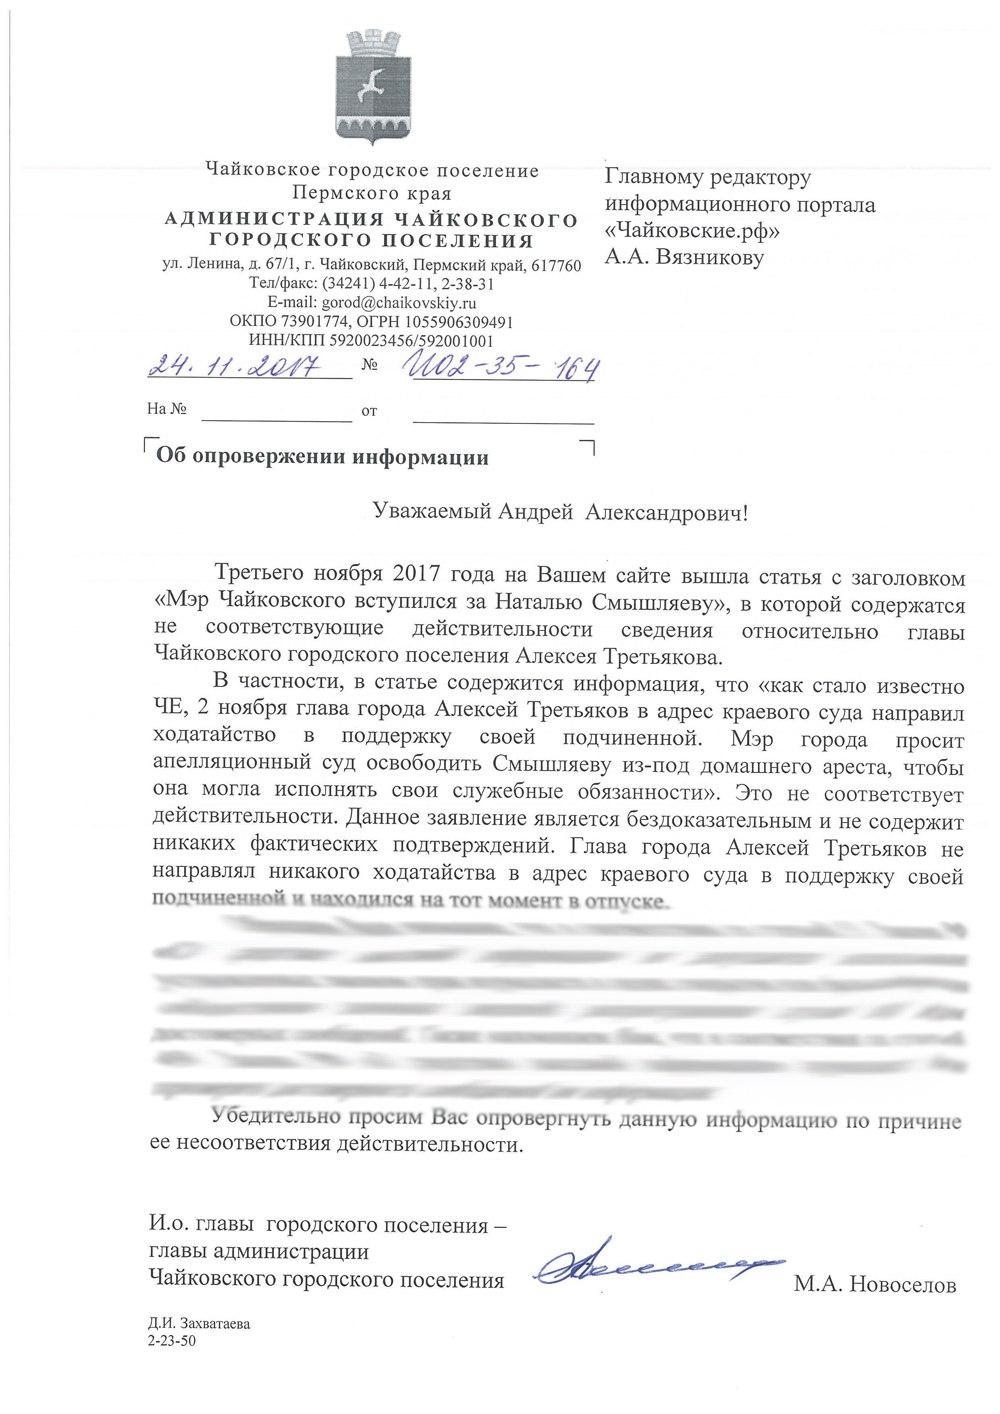 письмо от администрации к ЧЕ